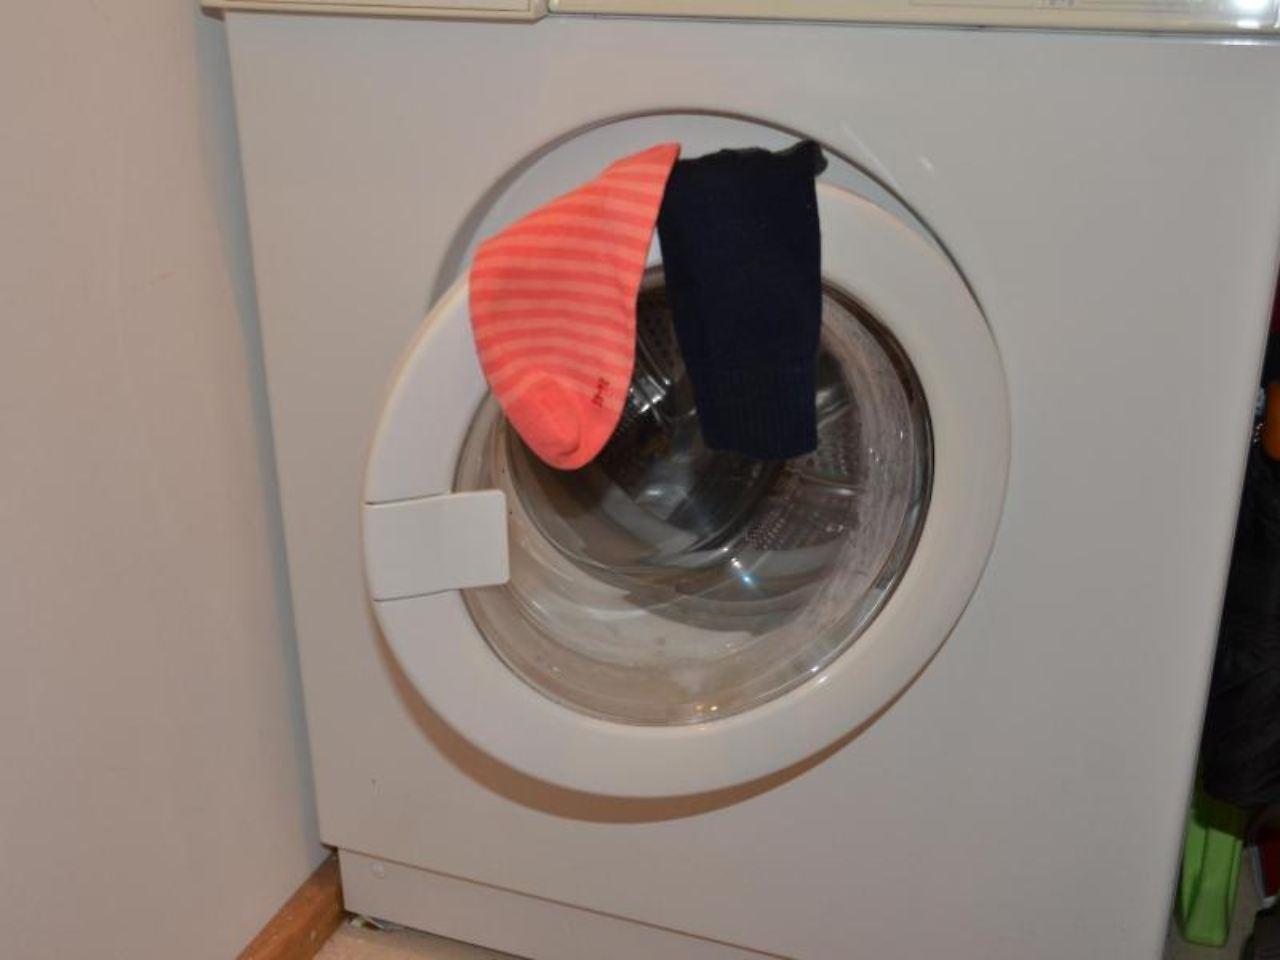 mitmieter ver rgert wenn die waschmaschine l rmt n. Black Bedroom Furniture Sets. Home Design Ideas